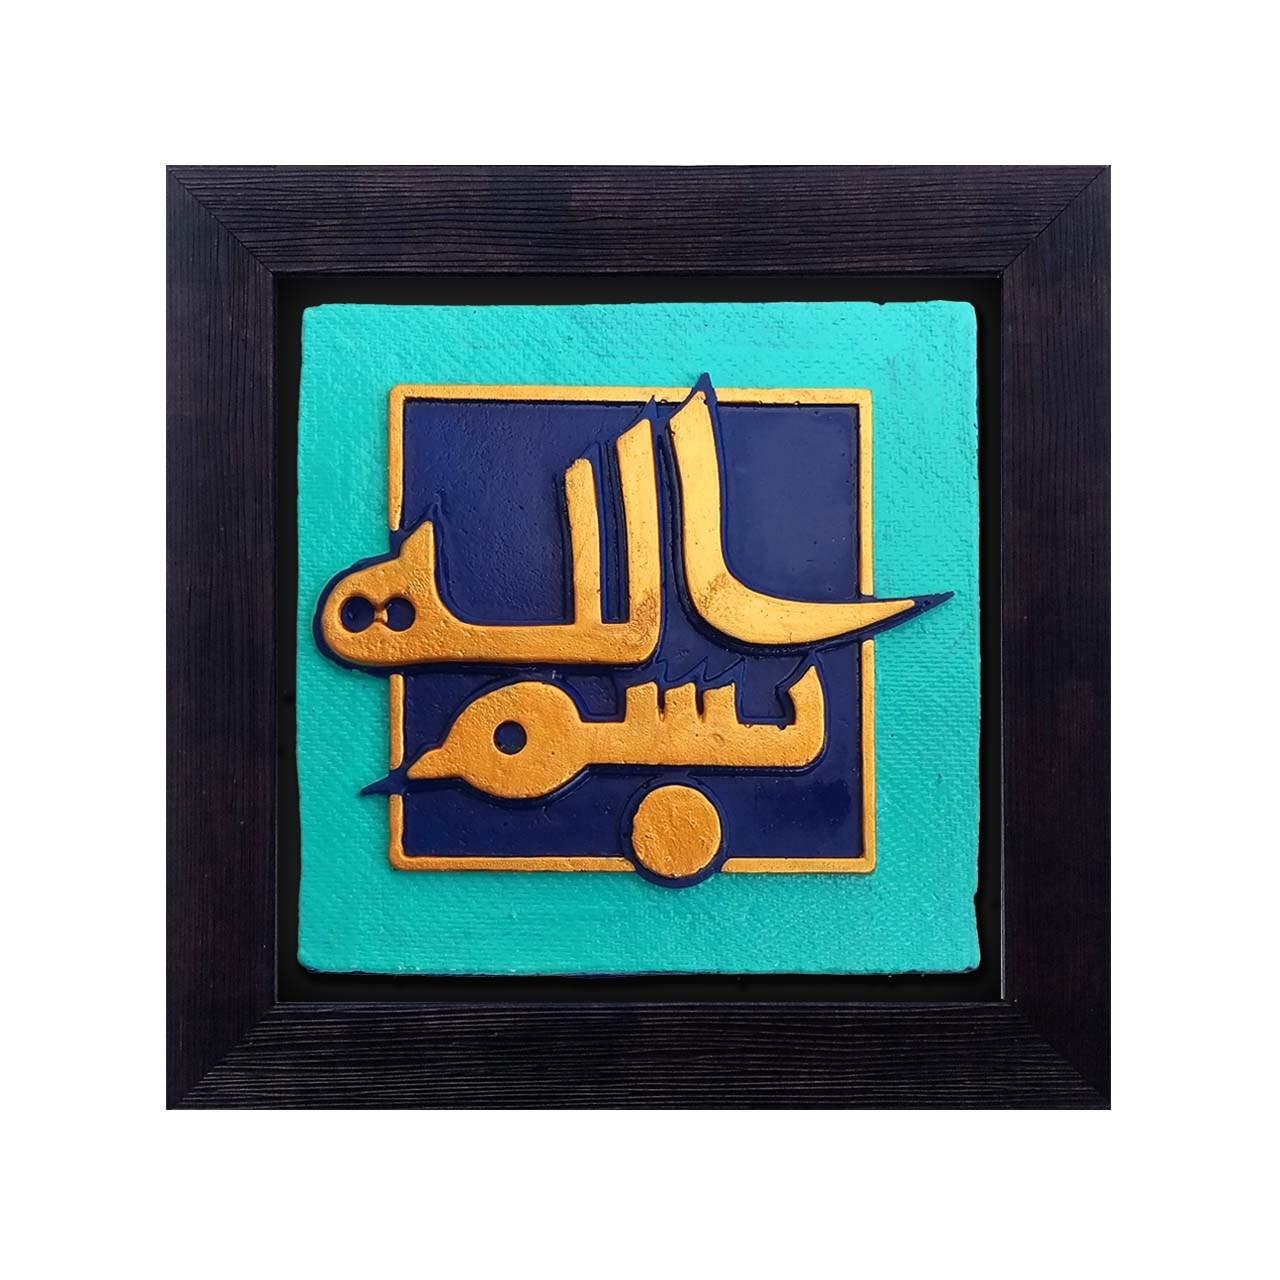 کتیبه  نقش برجسته لوح هنر طرح بسم الله کد 103